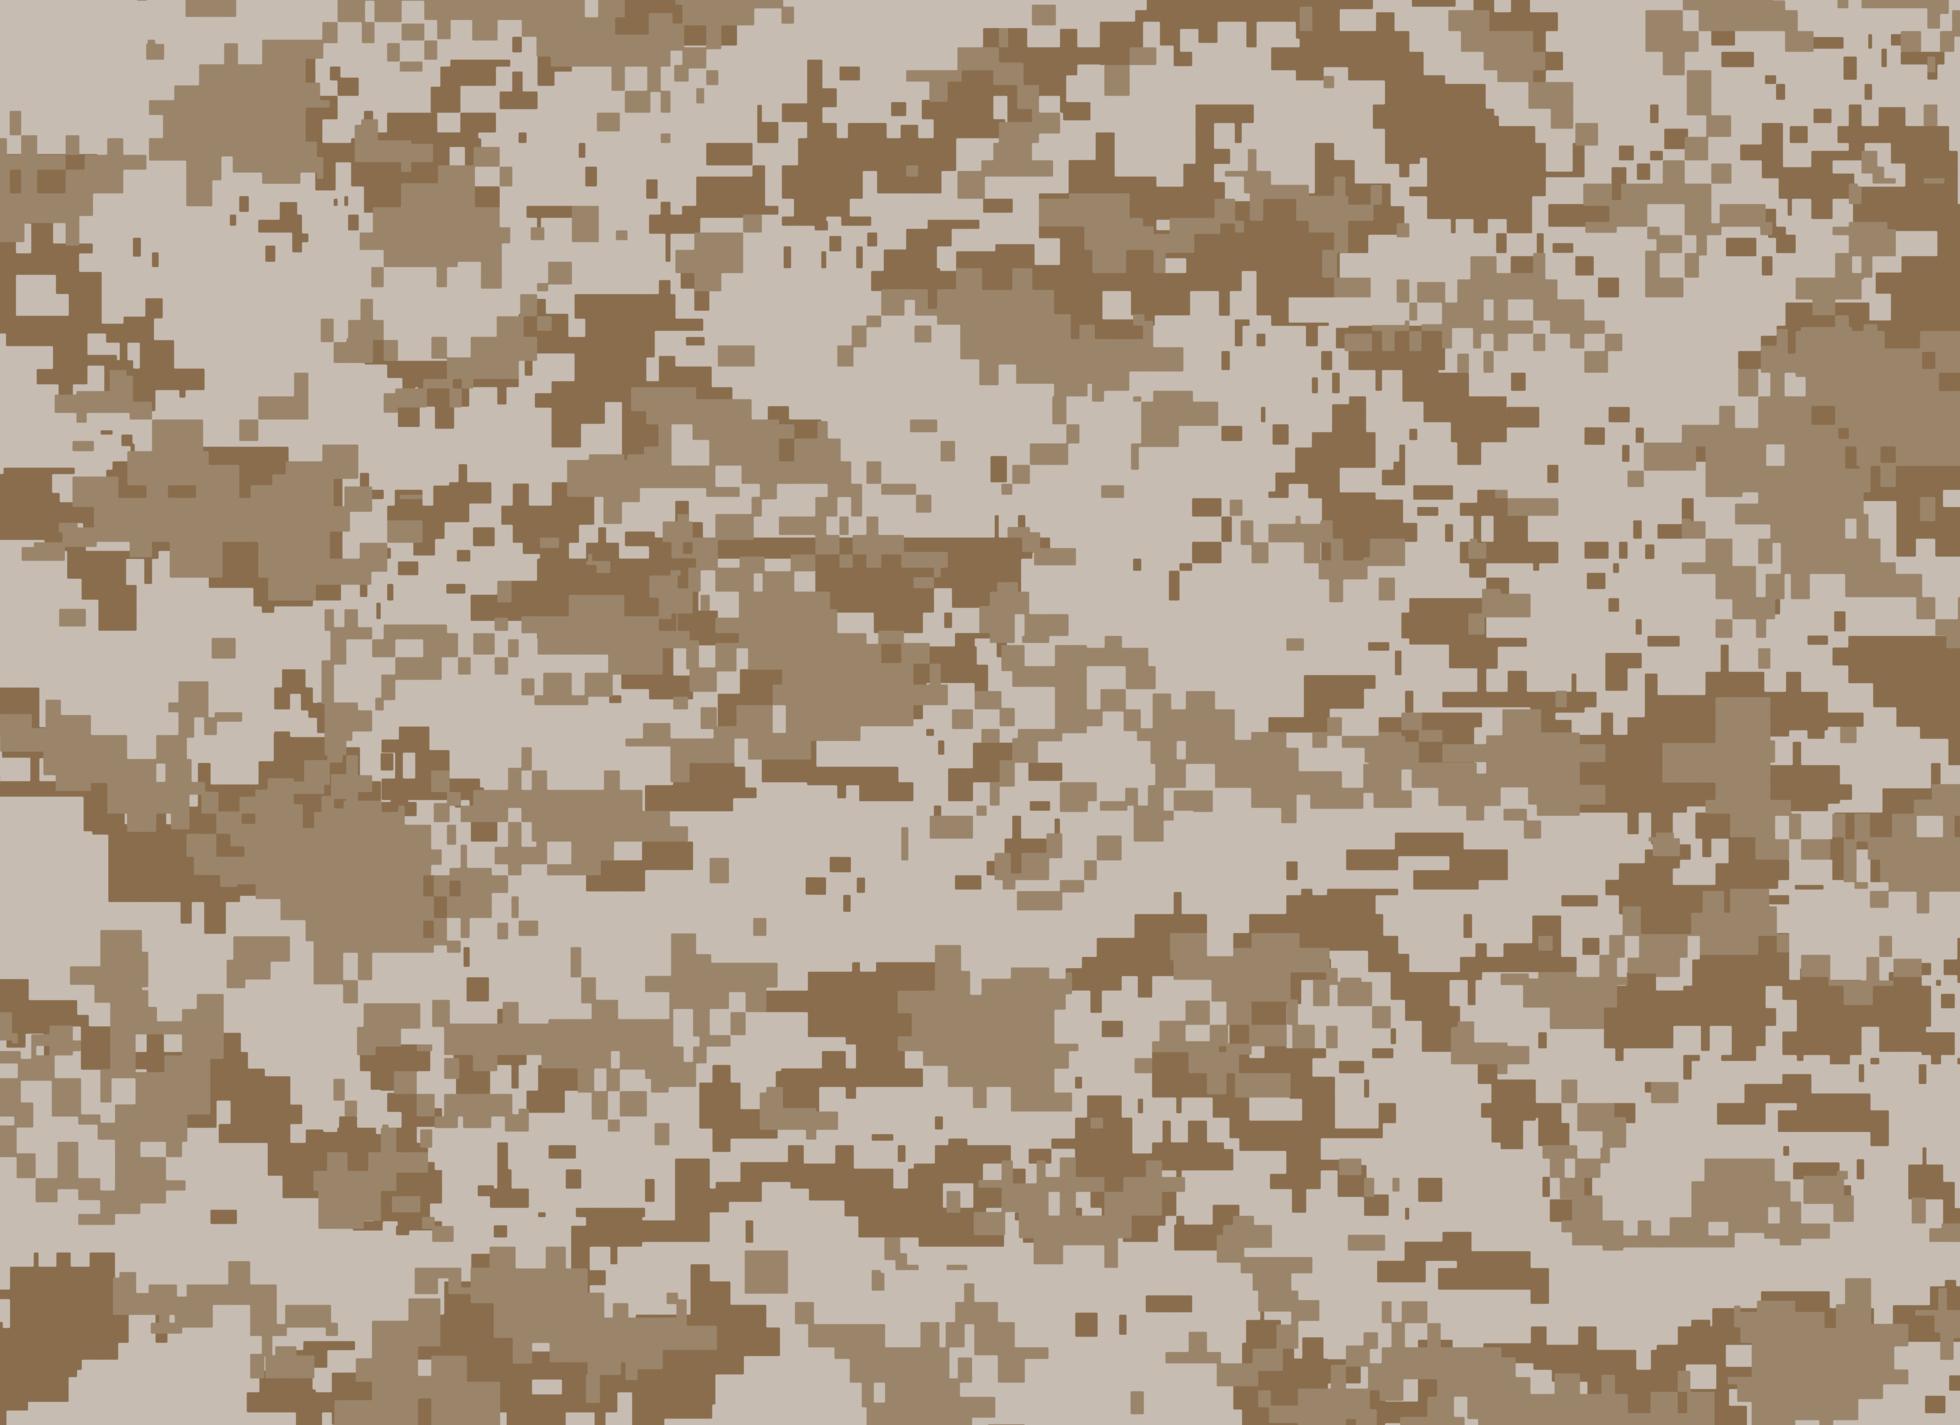 Usmc Camo Wallpaper Digital camo w 1960x1425